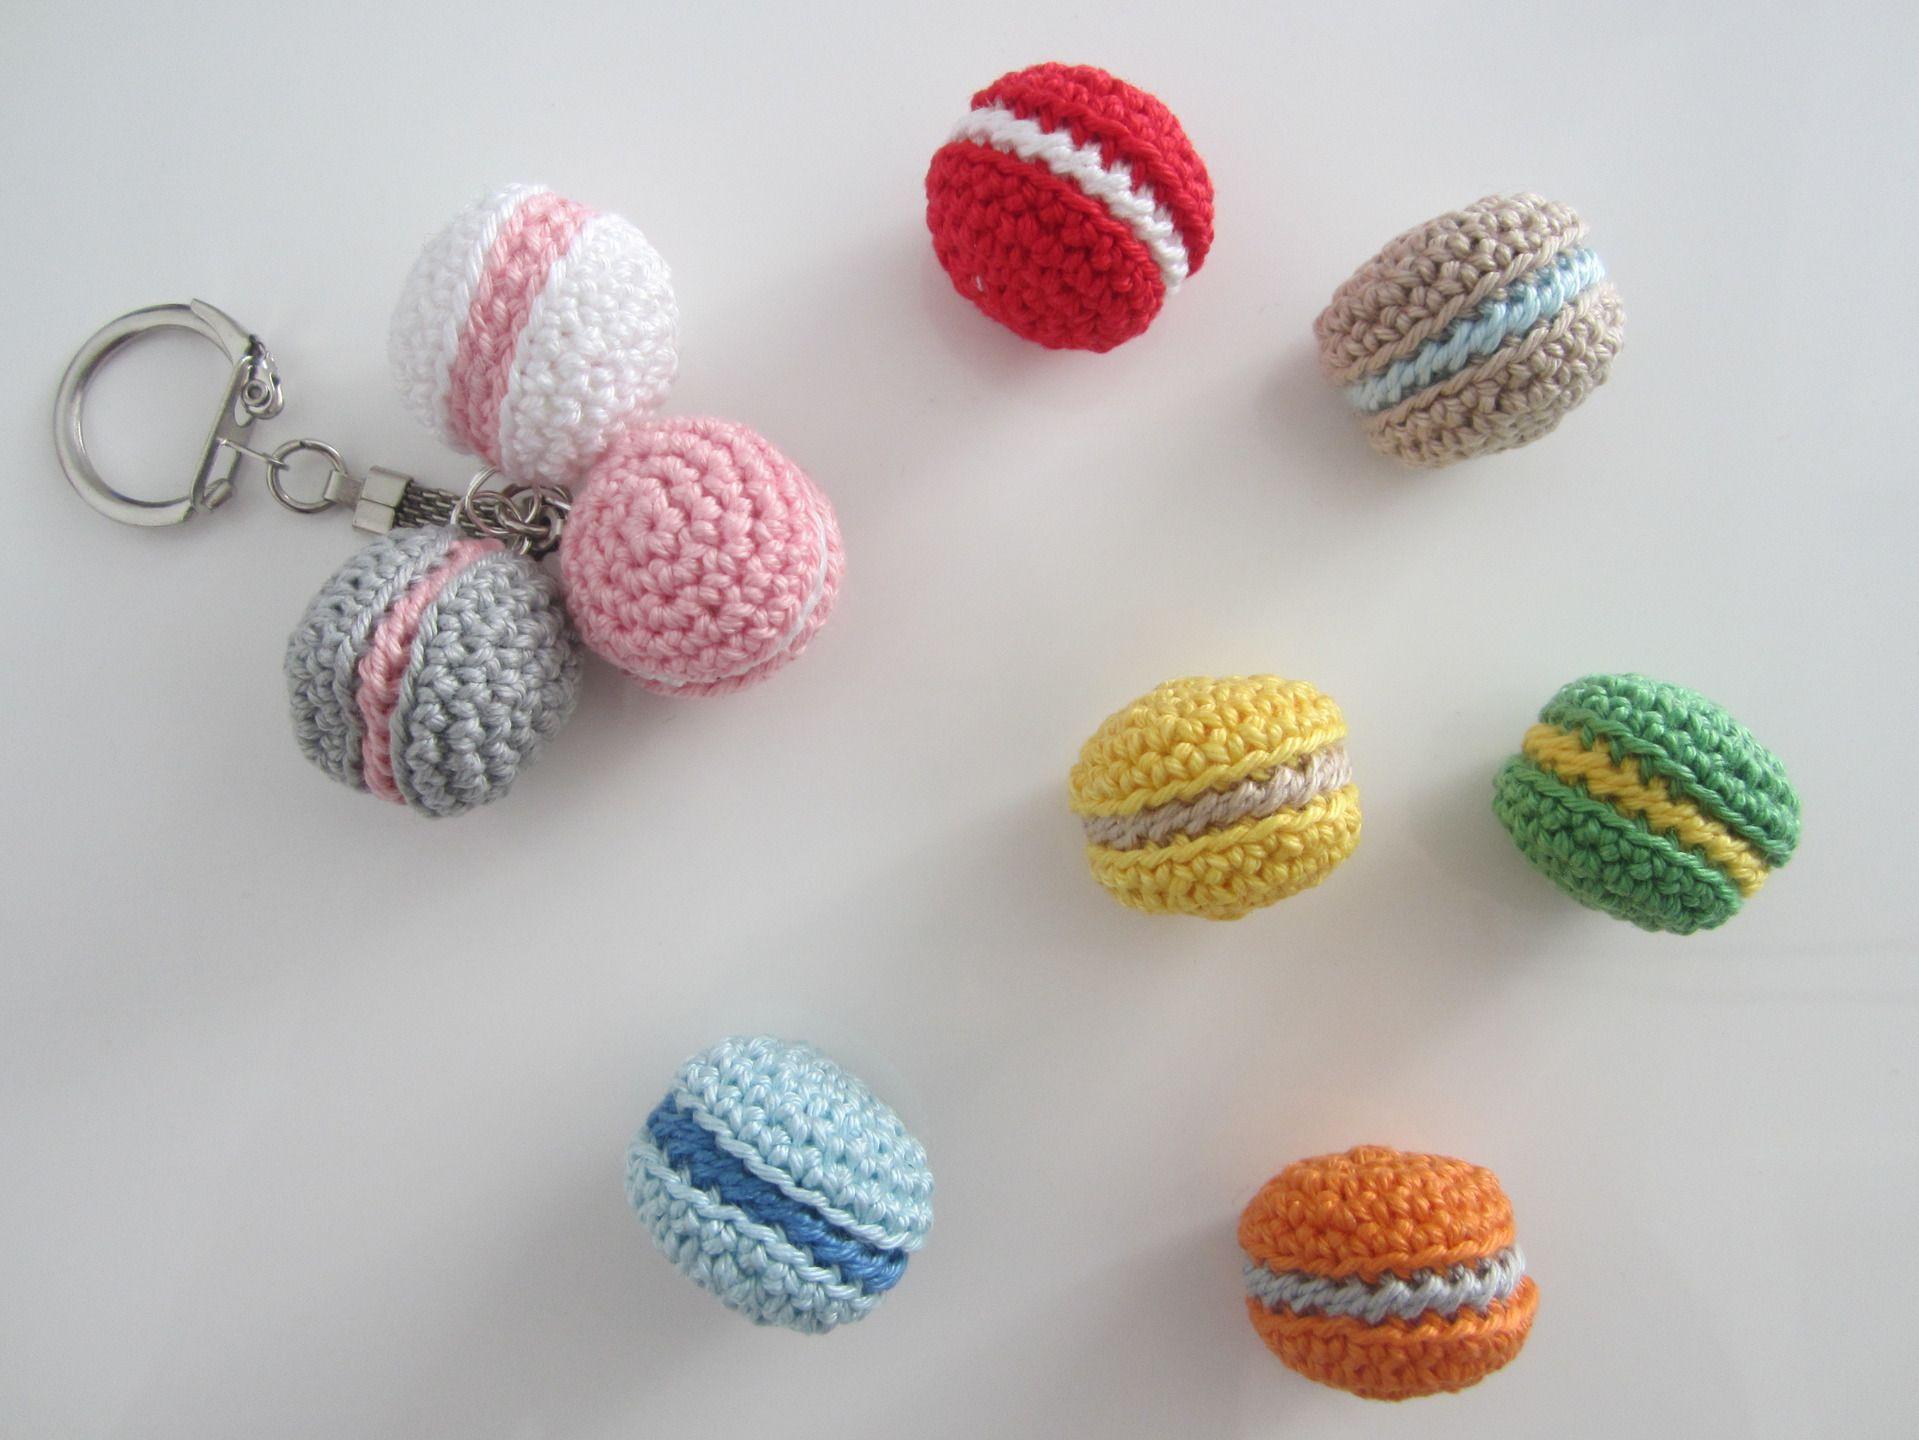 Porte cl s macarons porte cl s macarons porte cl s crochet macaron amigurimi petit cadeau - Porte cle crochet ...